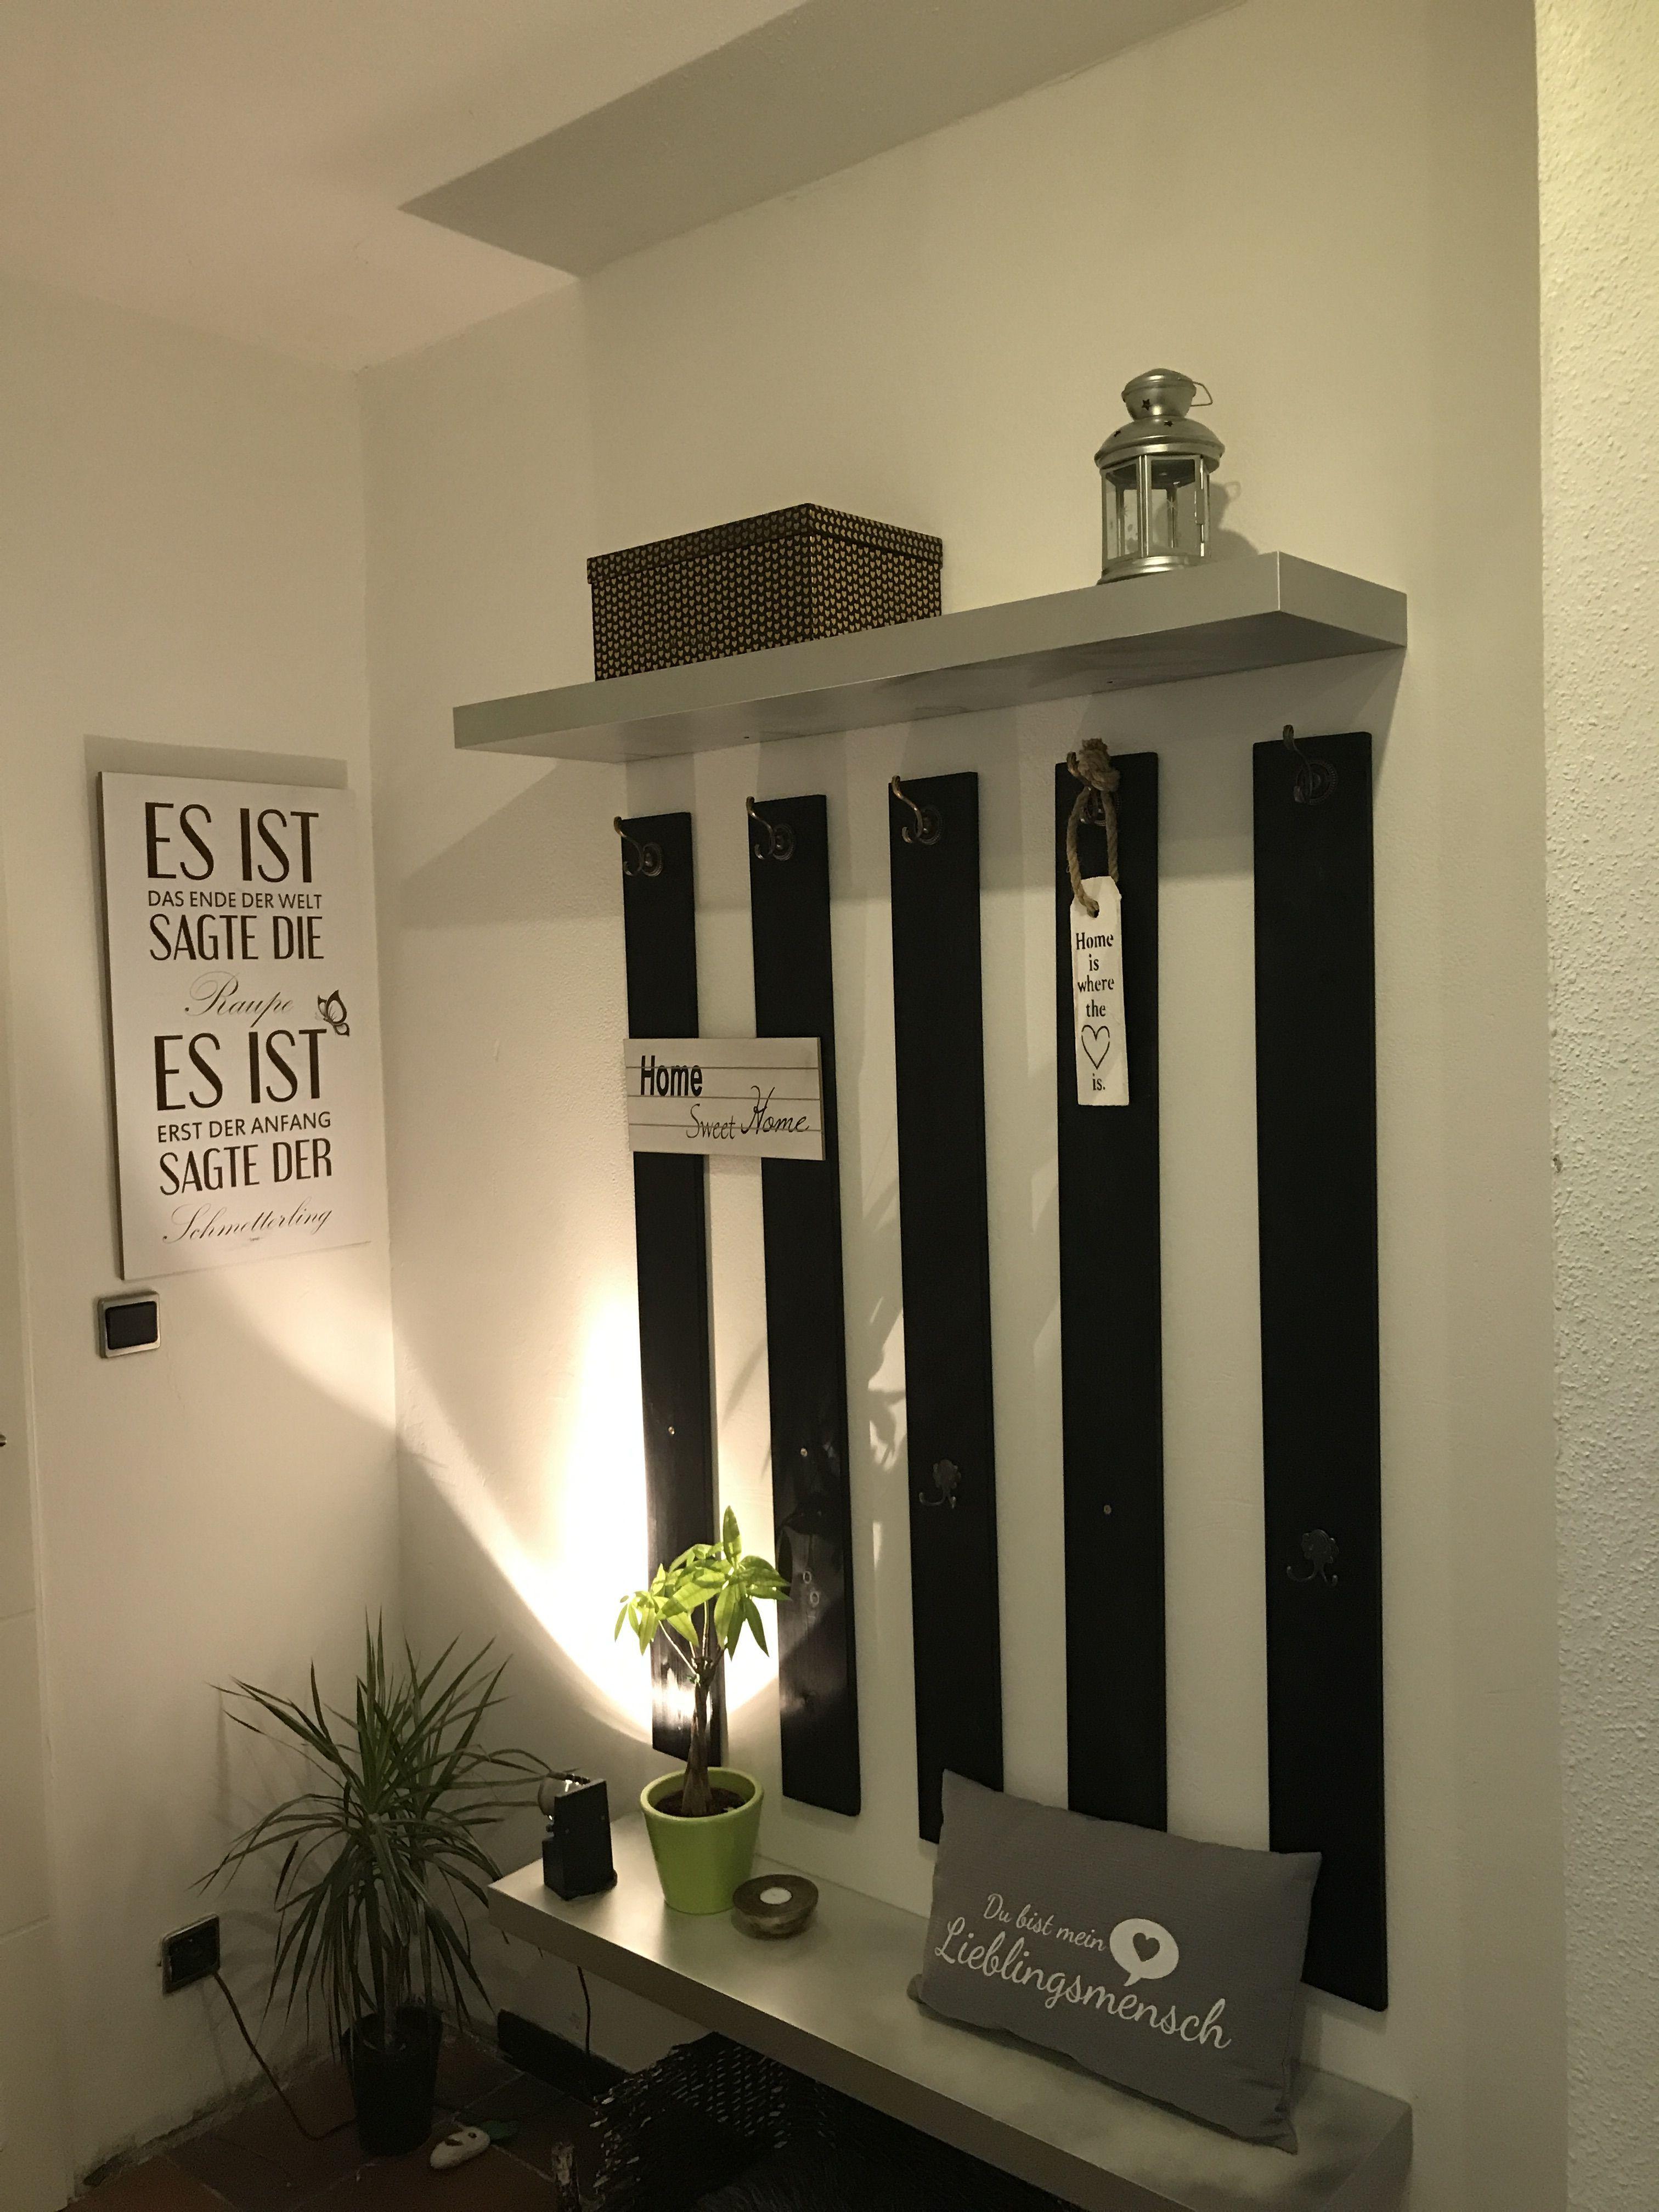 Garderobe Diy Eingangsbereichhausinnen Garderobe Diy Diy Kleiderschrank Garderobe Diy Ikea Diy